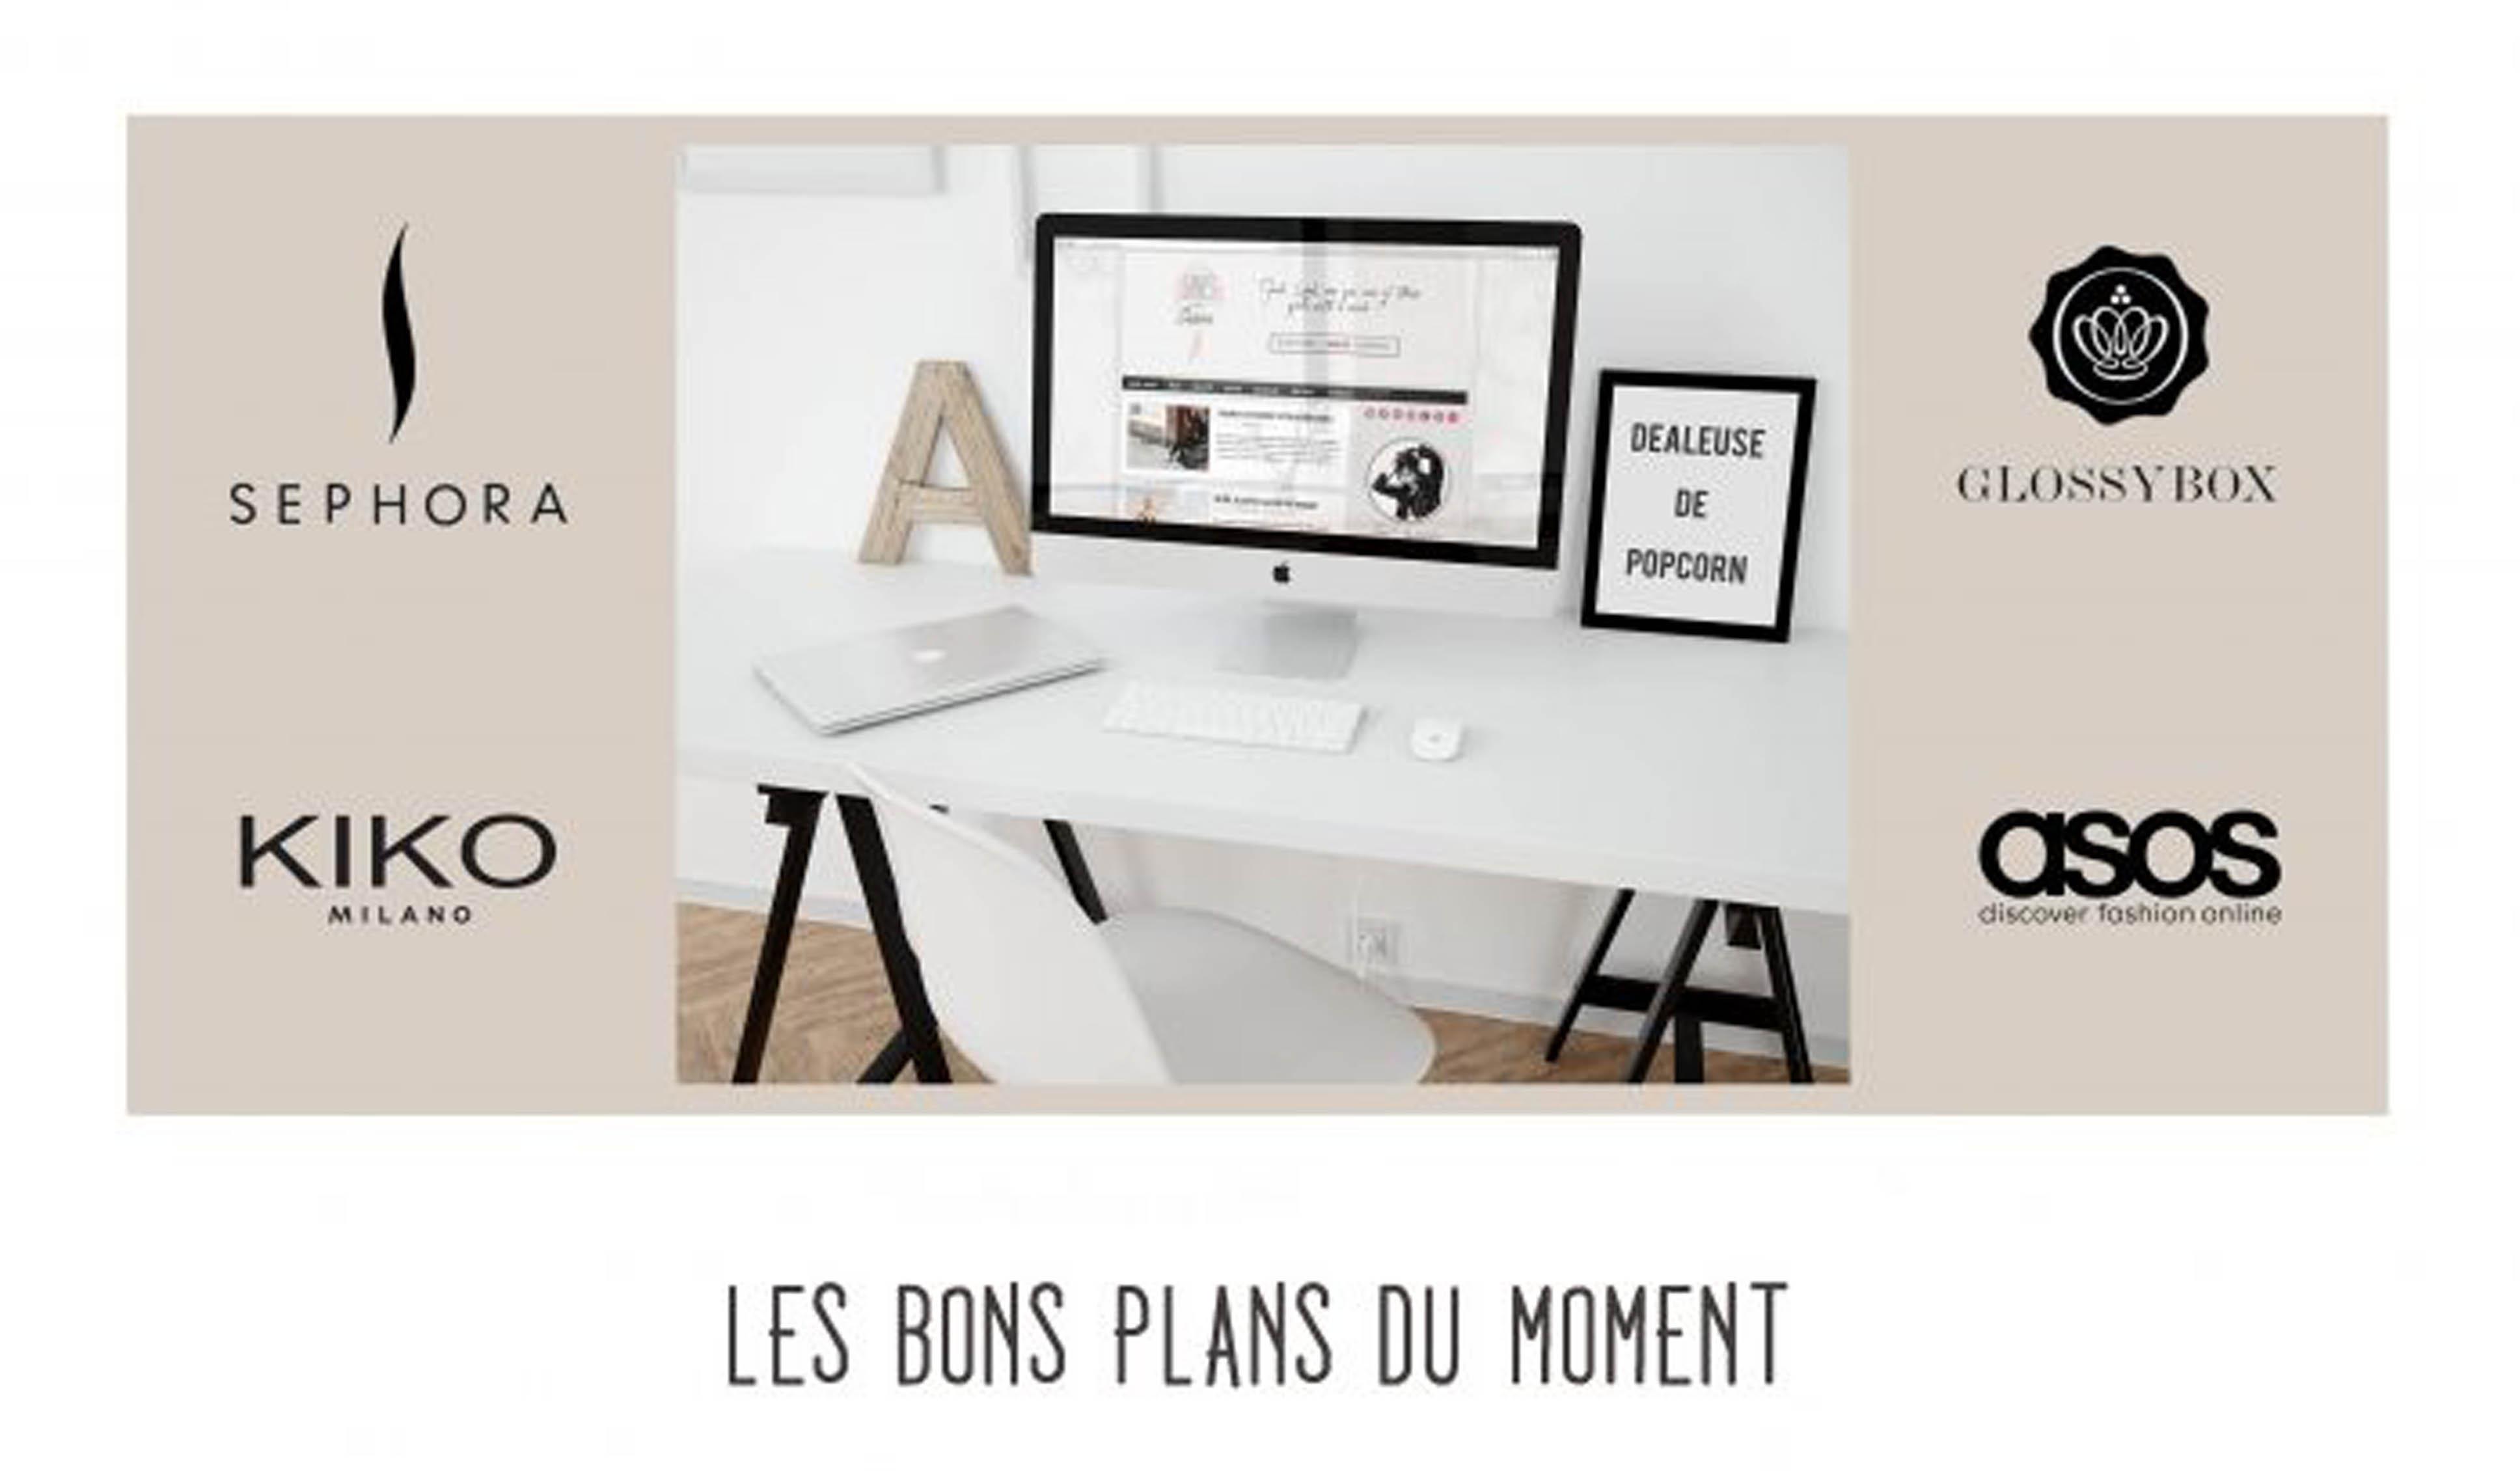 Les bons plans du moment for Les bons plans du web